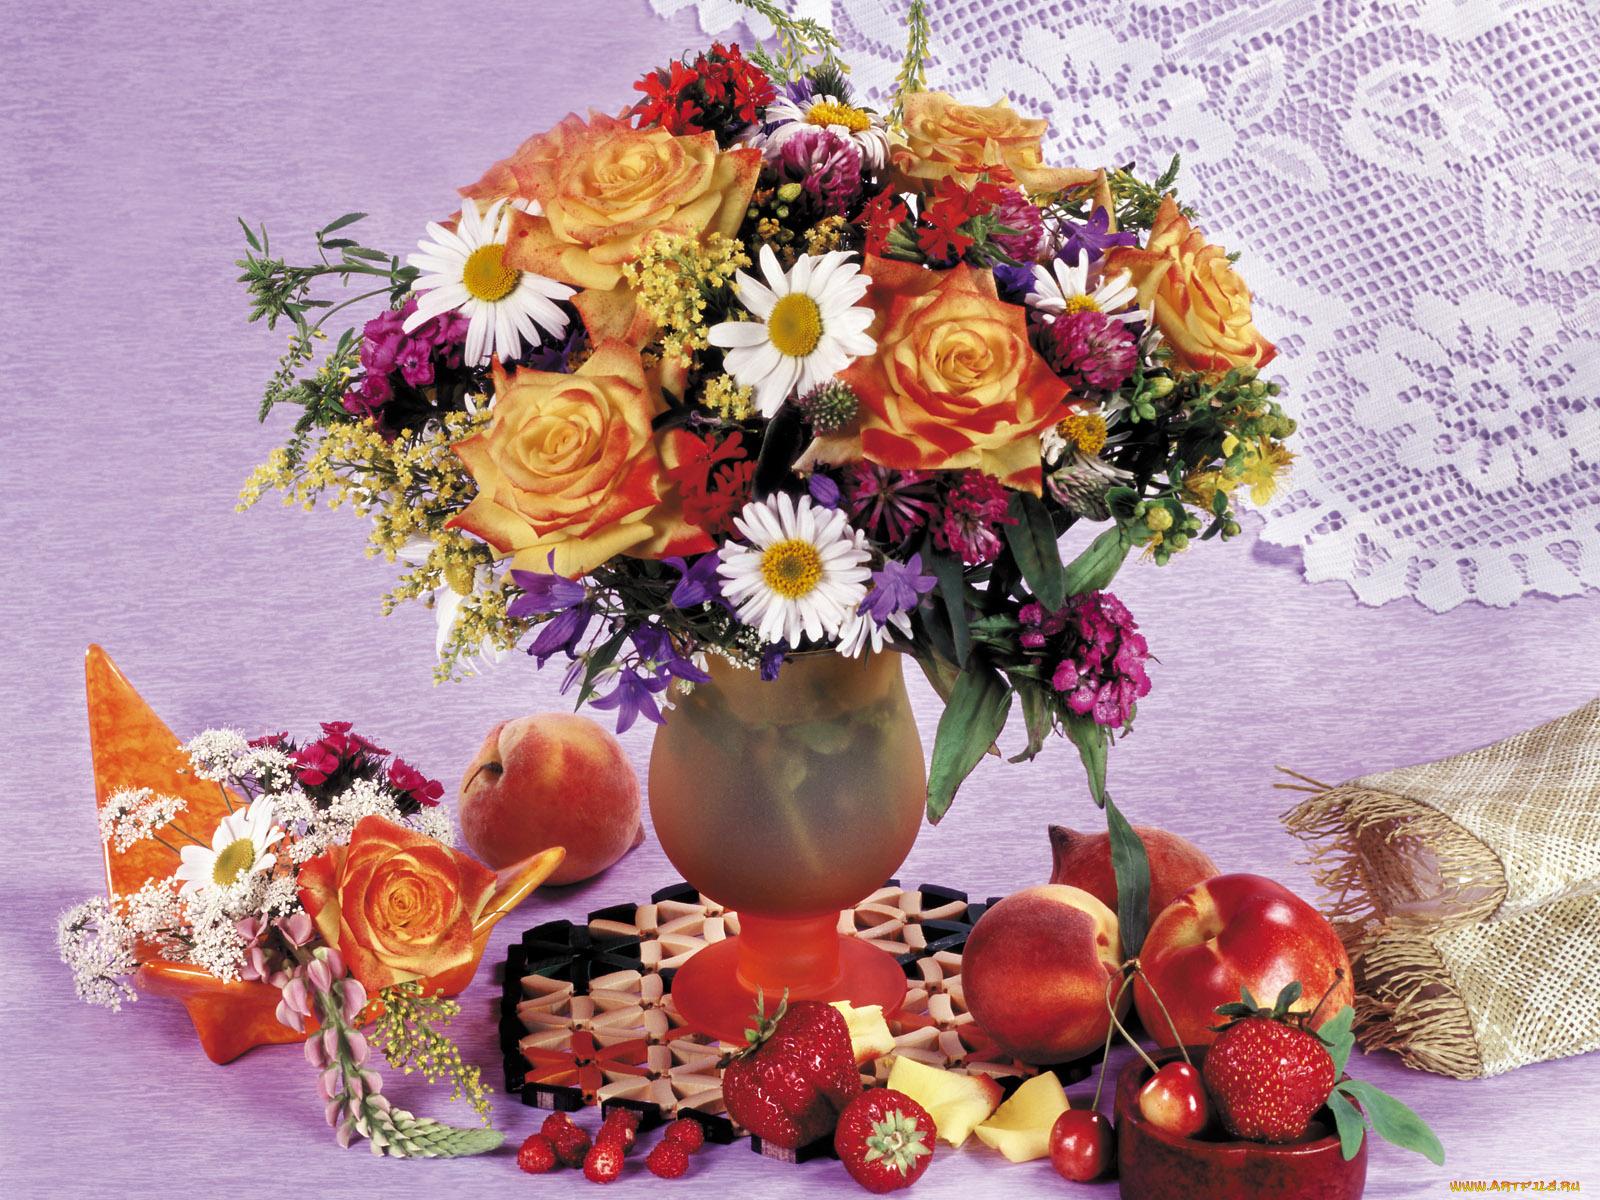 Цветы фрукты открытка, мерцающие